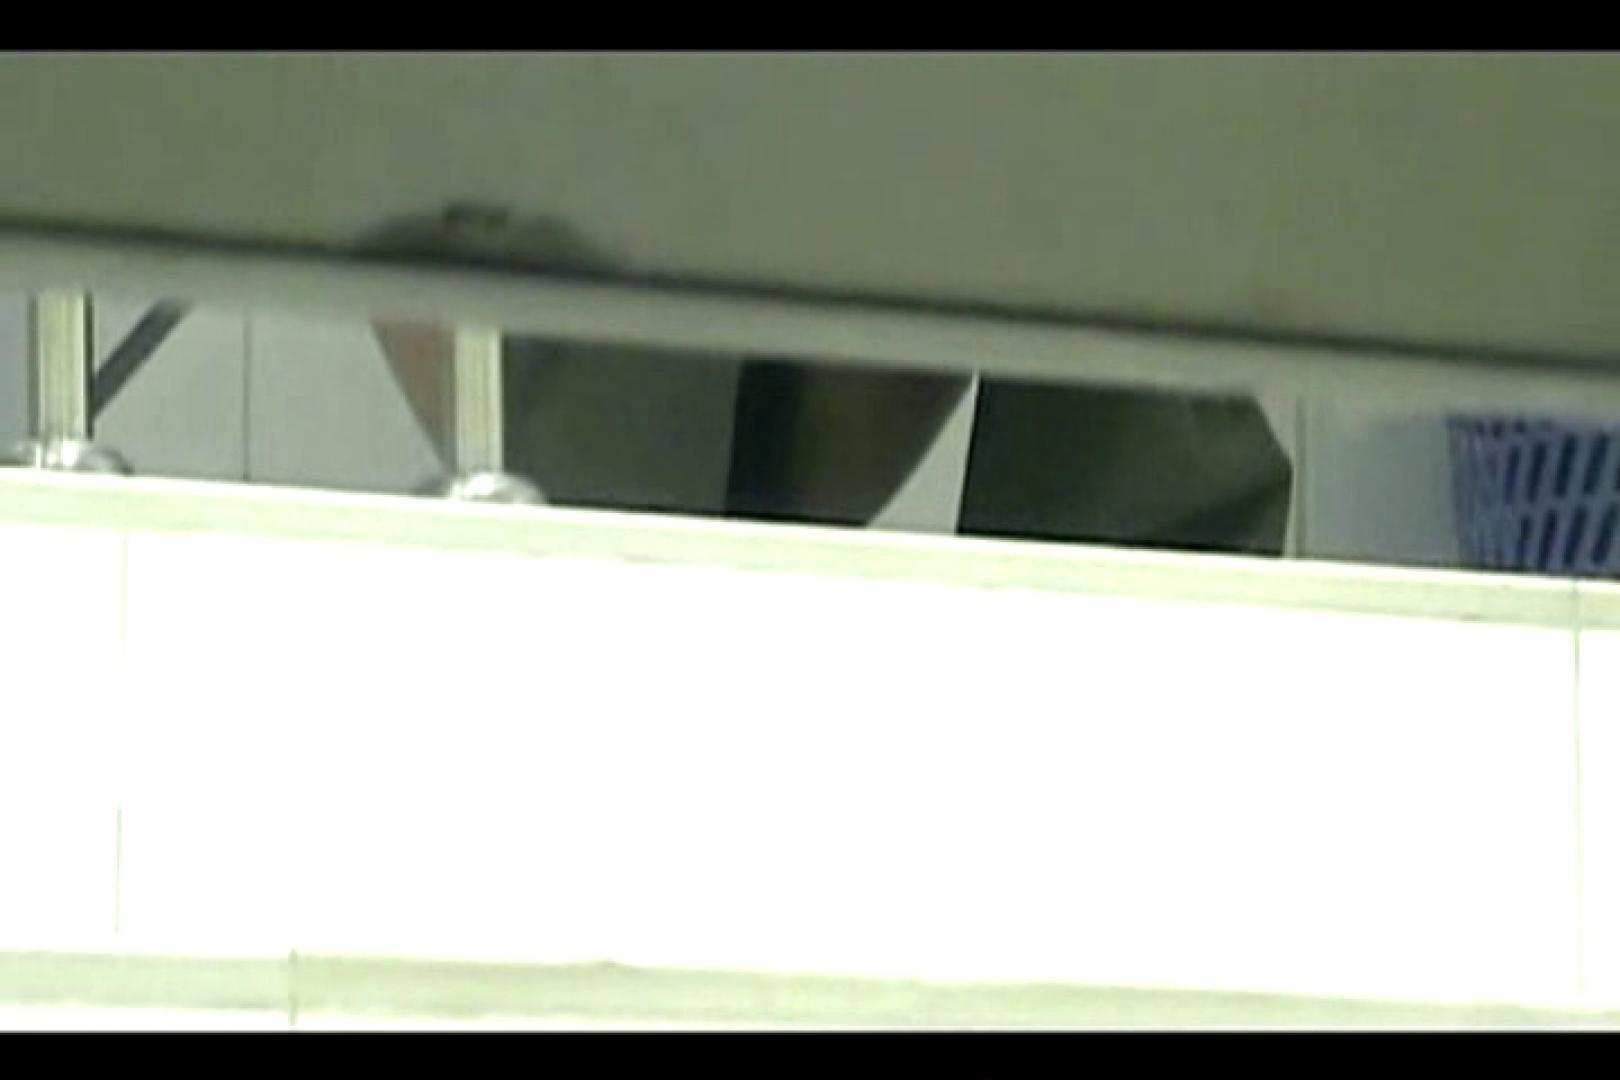 ぼっとん洗面所スペシャルVol.2 OLの実態 盗撮われめAV動画紹介 53pic 22